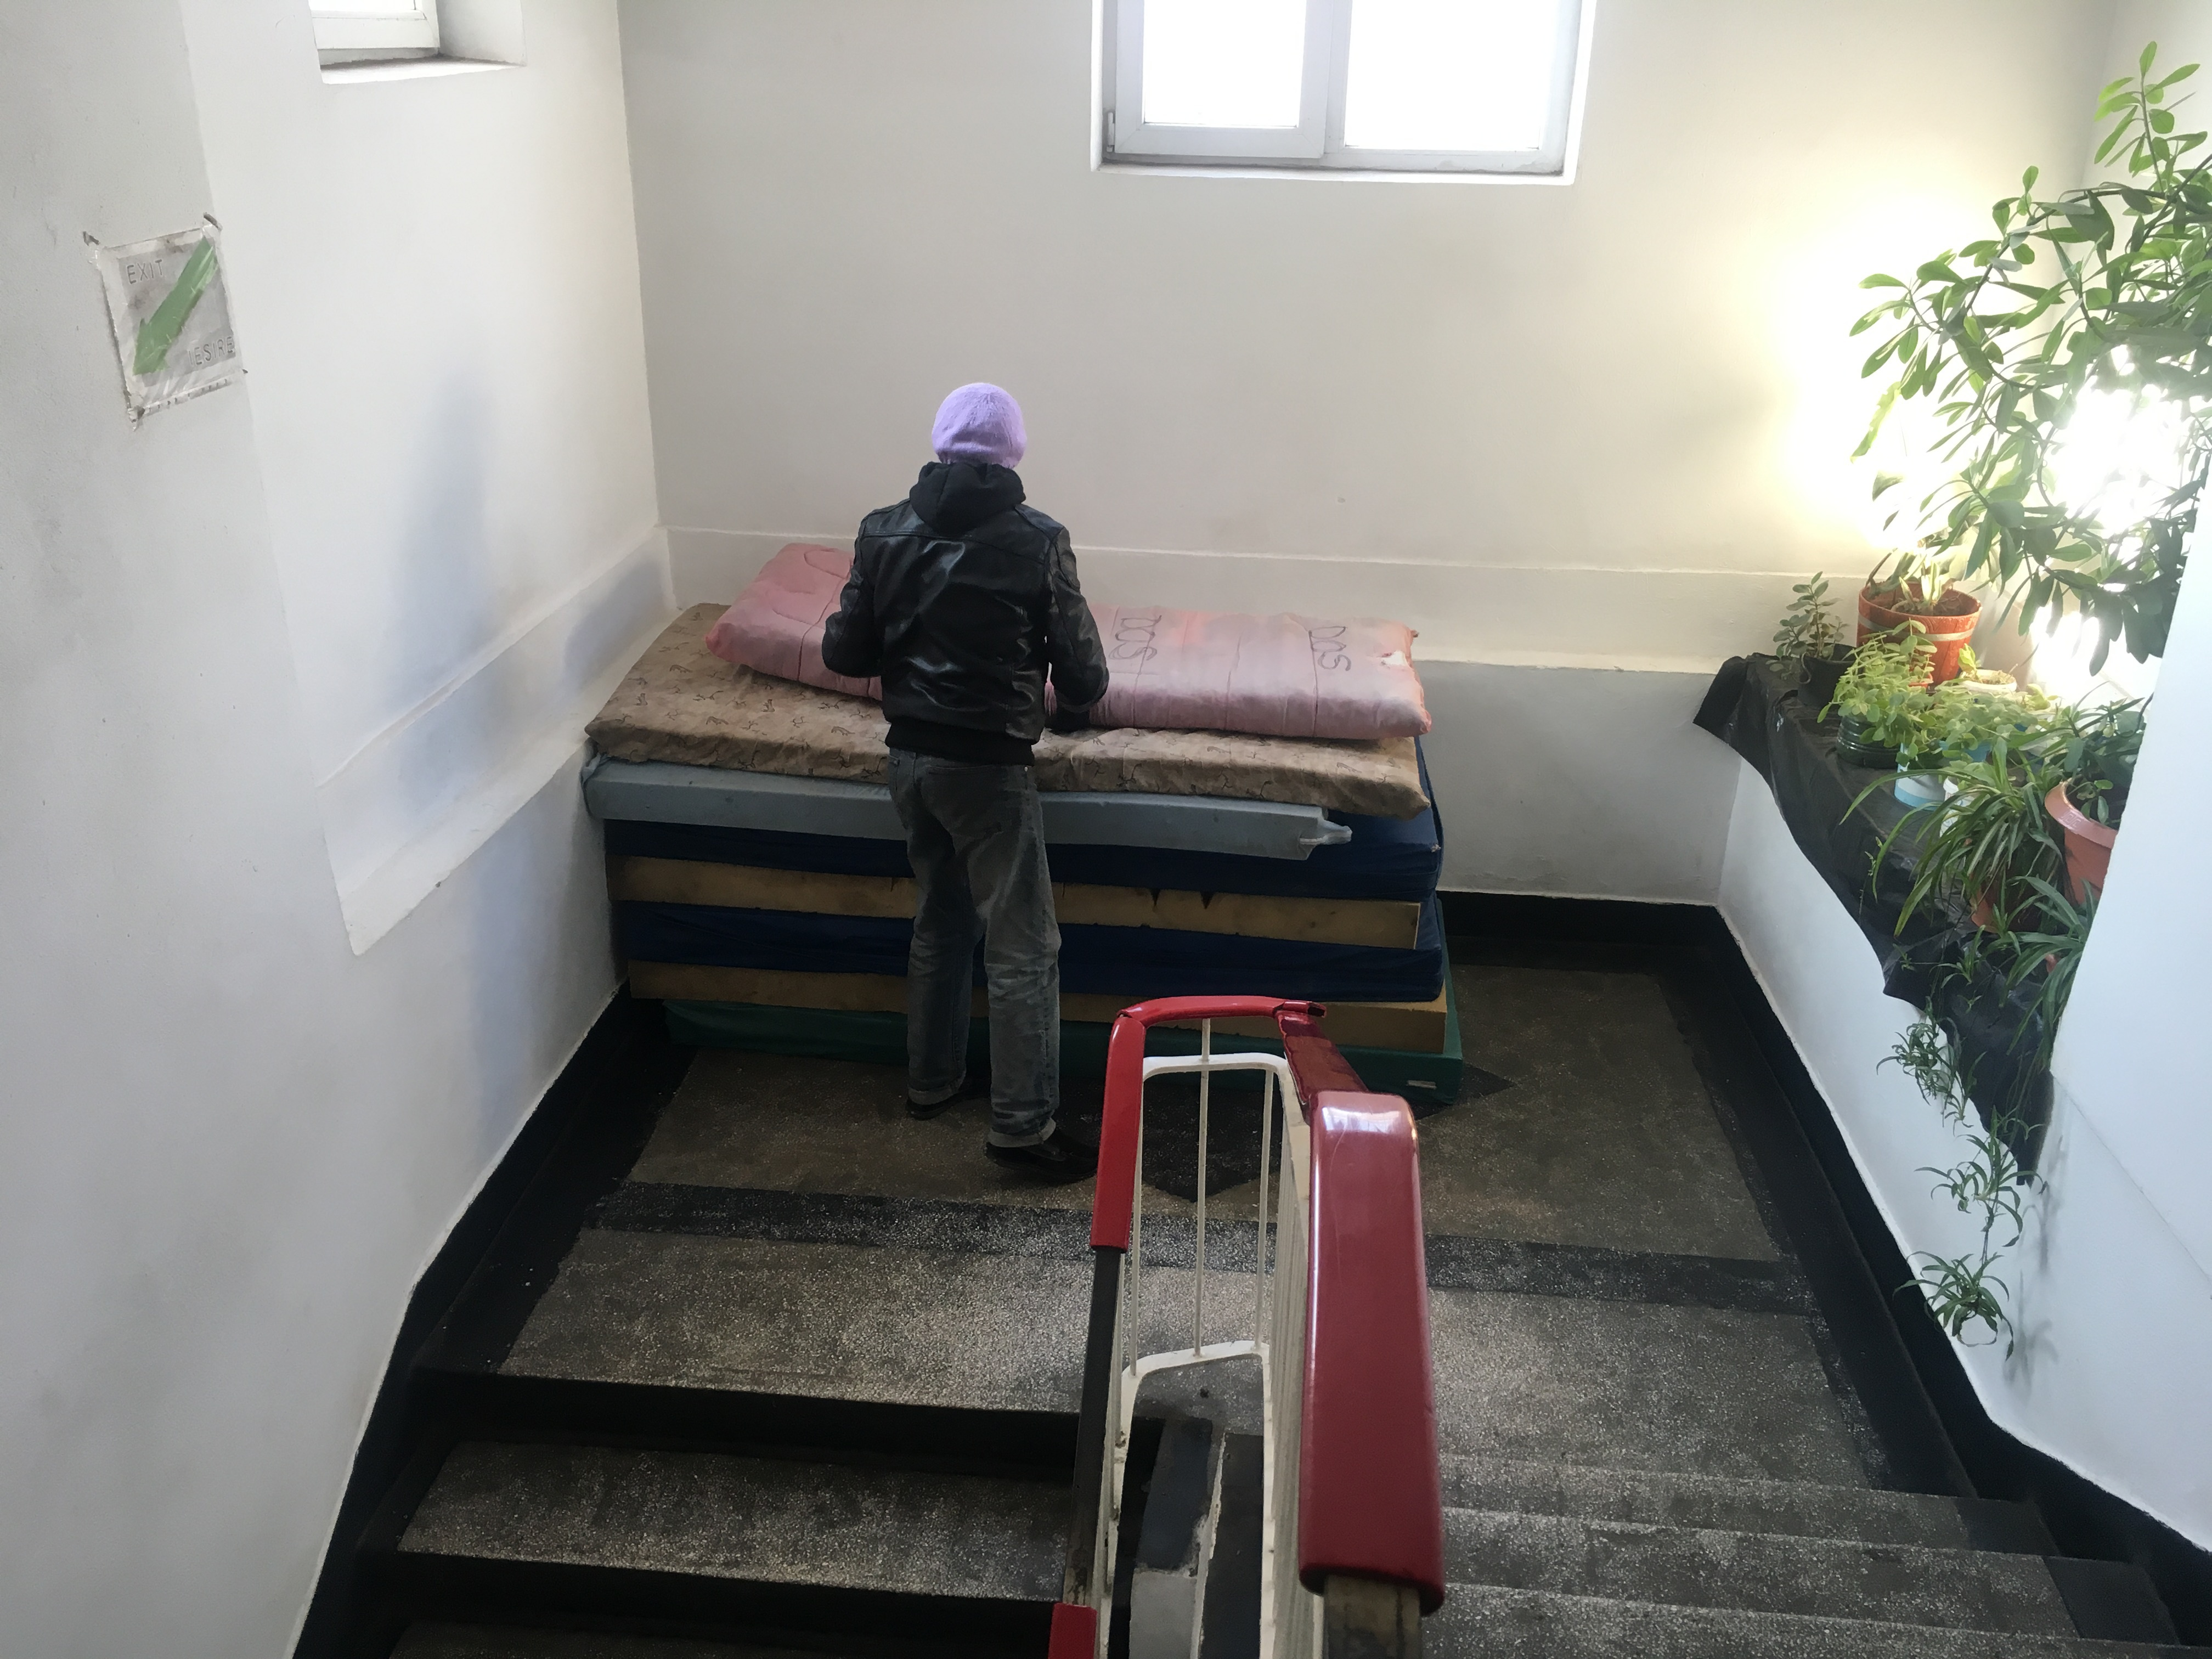 Centrul Social de Urgenţă Ploieşti a devenit neîncăpător, oamenii dorm pe saltele | GALERIE FOTO